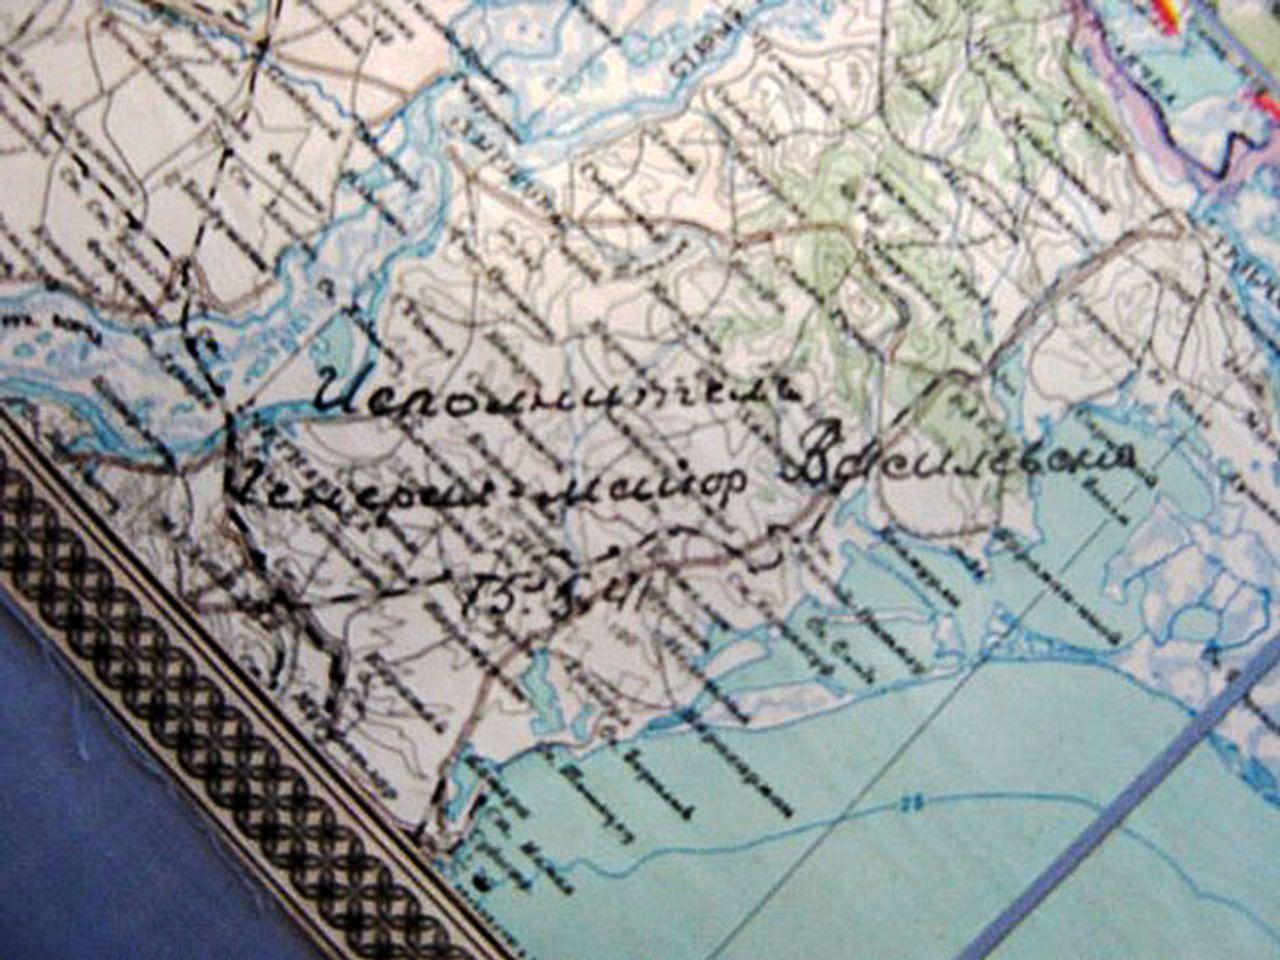 На карте, прилагаемой к плану превентивного удара, видна подпись ее автора: «Исполнитель генерал-майор Василевский. 15.5.41».